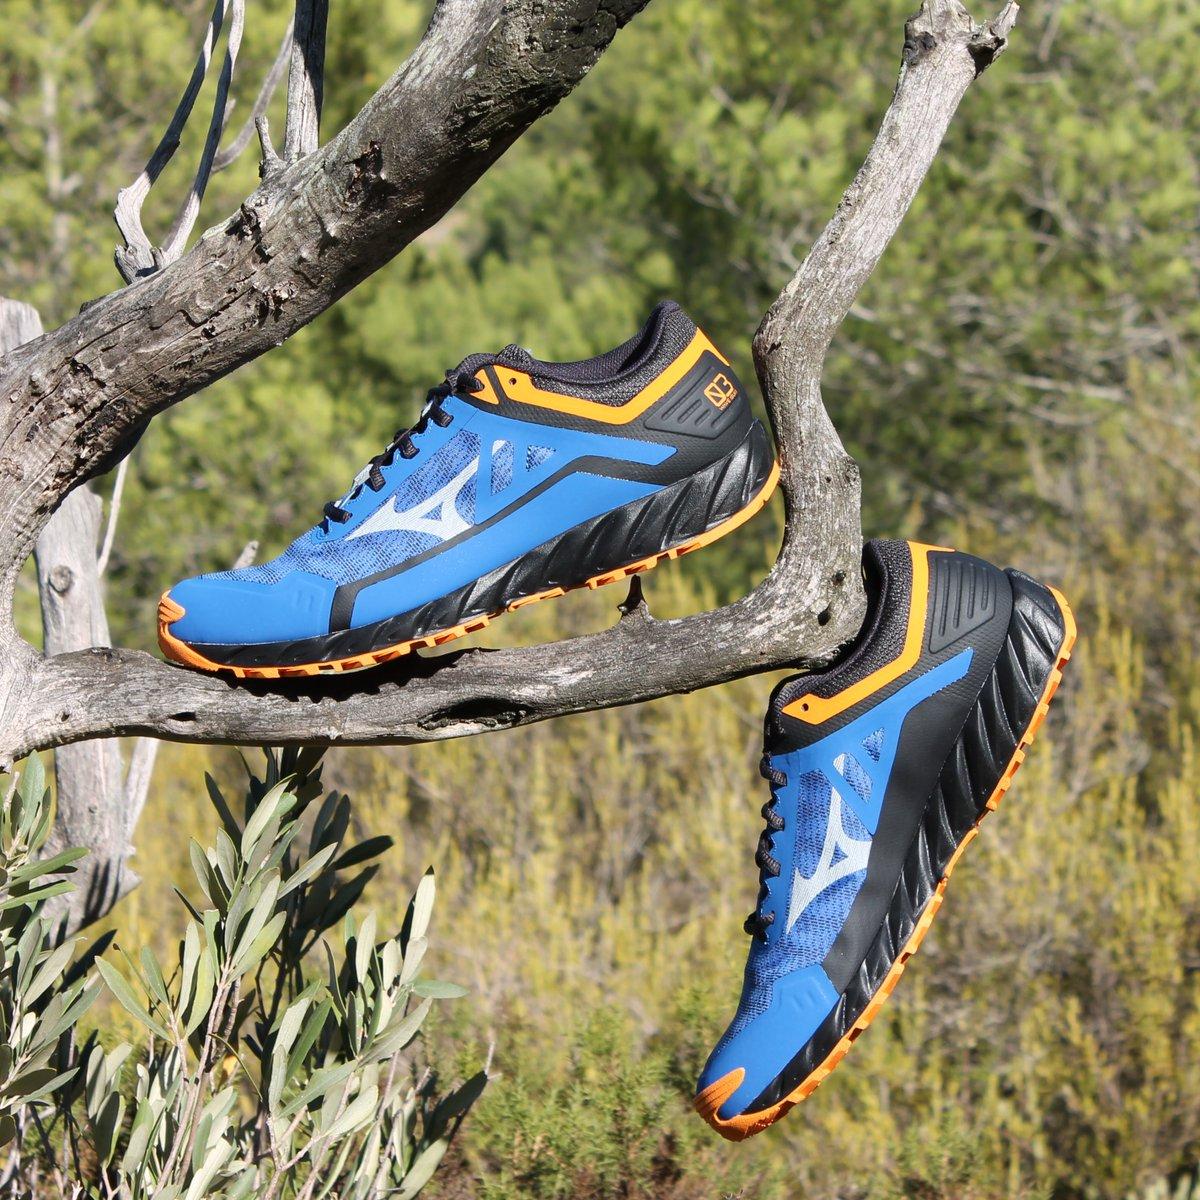 Conquista la naturaleza con la nueva Wave Ibuki 3 ⛰   Una zapatilla muy versátil que te ofrece una combinación perfecta de amortiguación y agarre, ideal para los que se inician en el #trailrunning   #Mizuno #MizunoTrailRunning #WaveIbuki3 #ReachBeyond https://t.co/ljoV8HSmwX